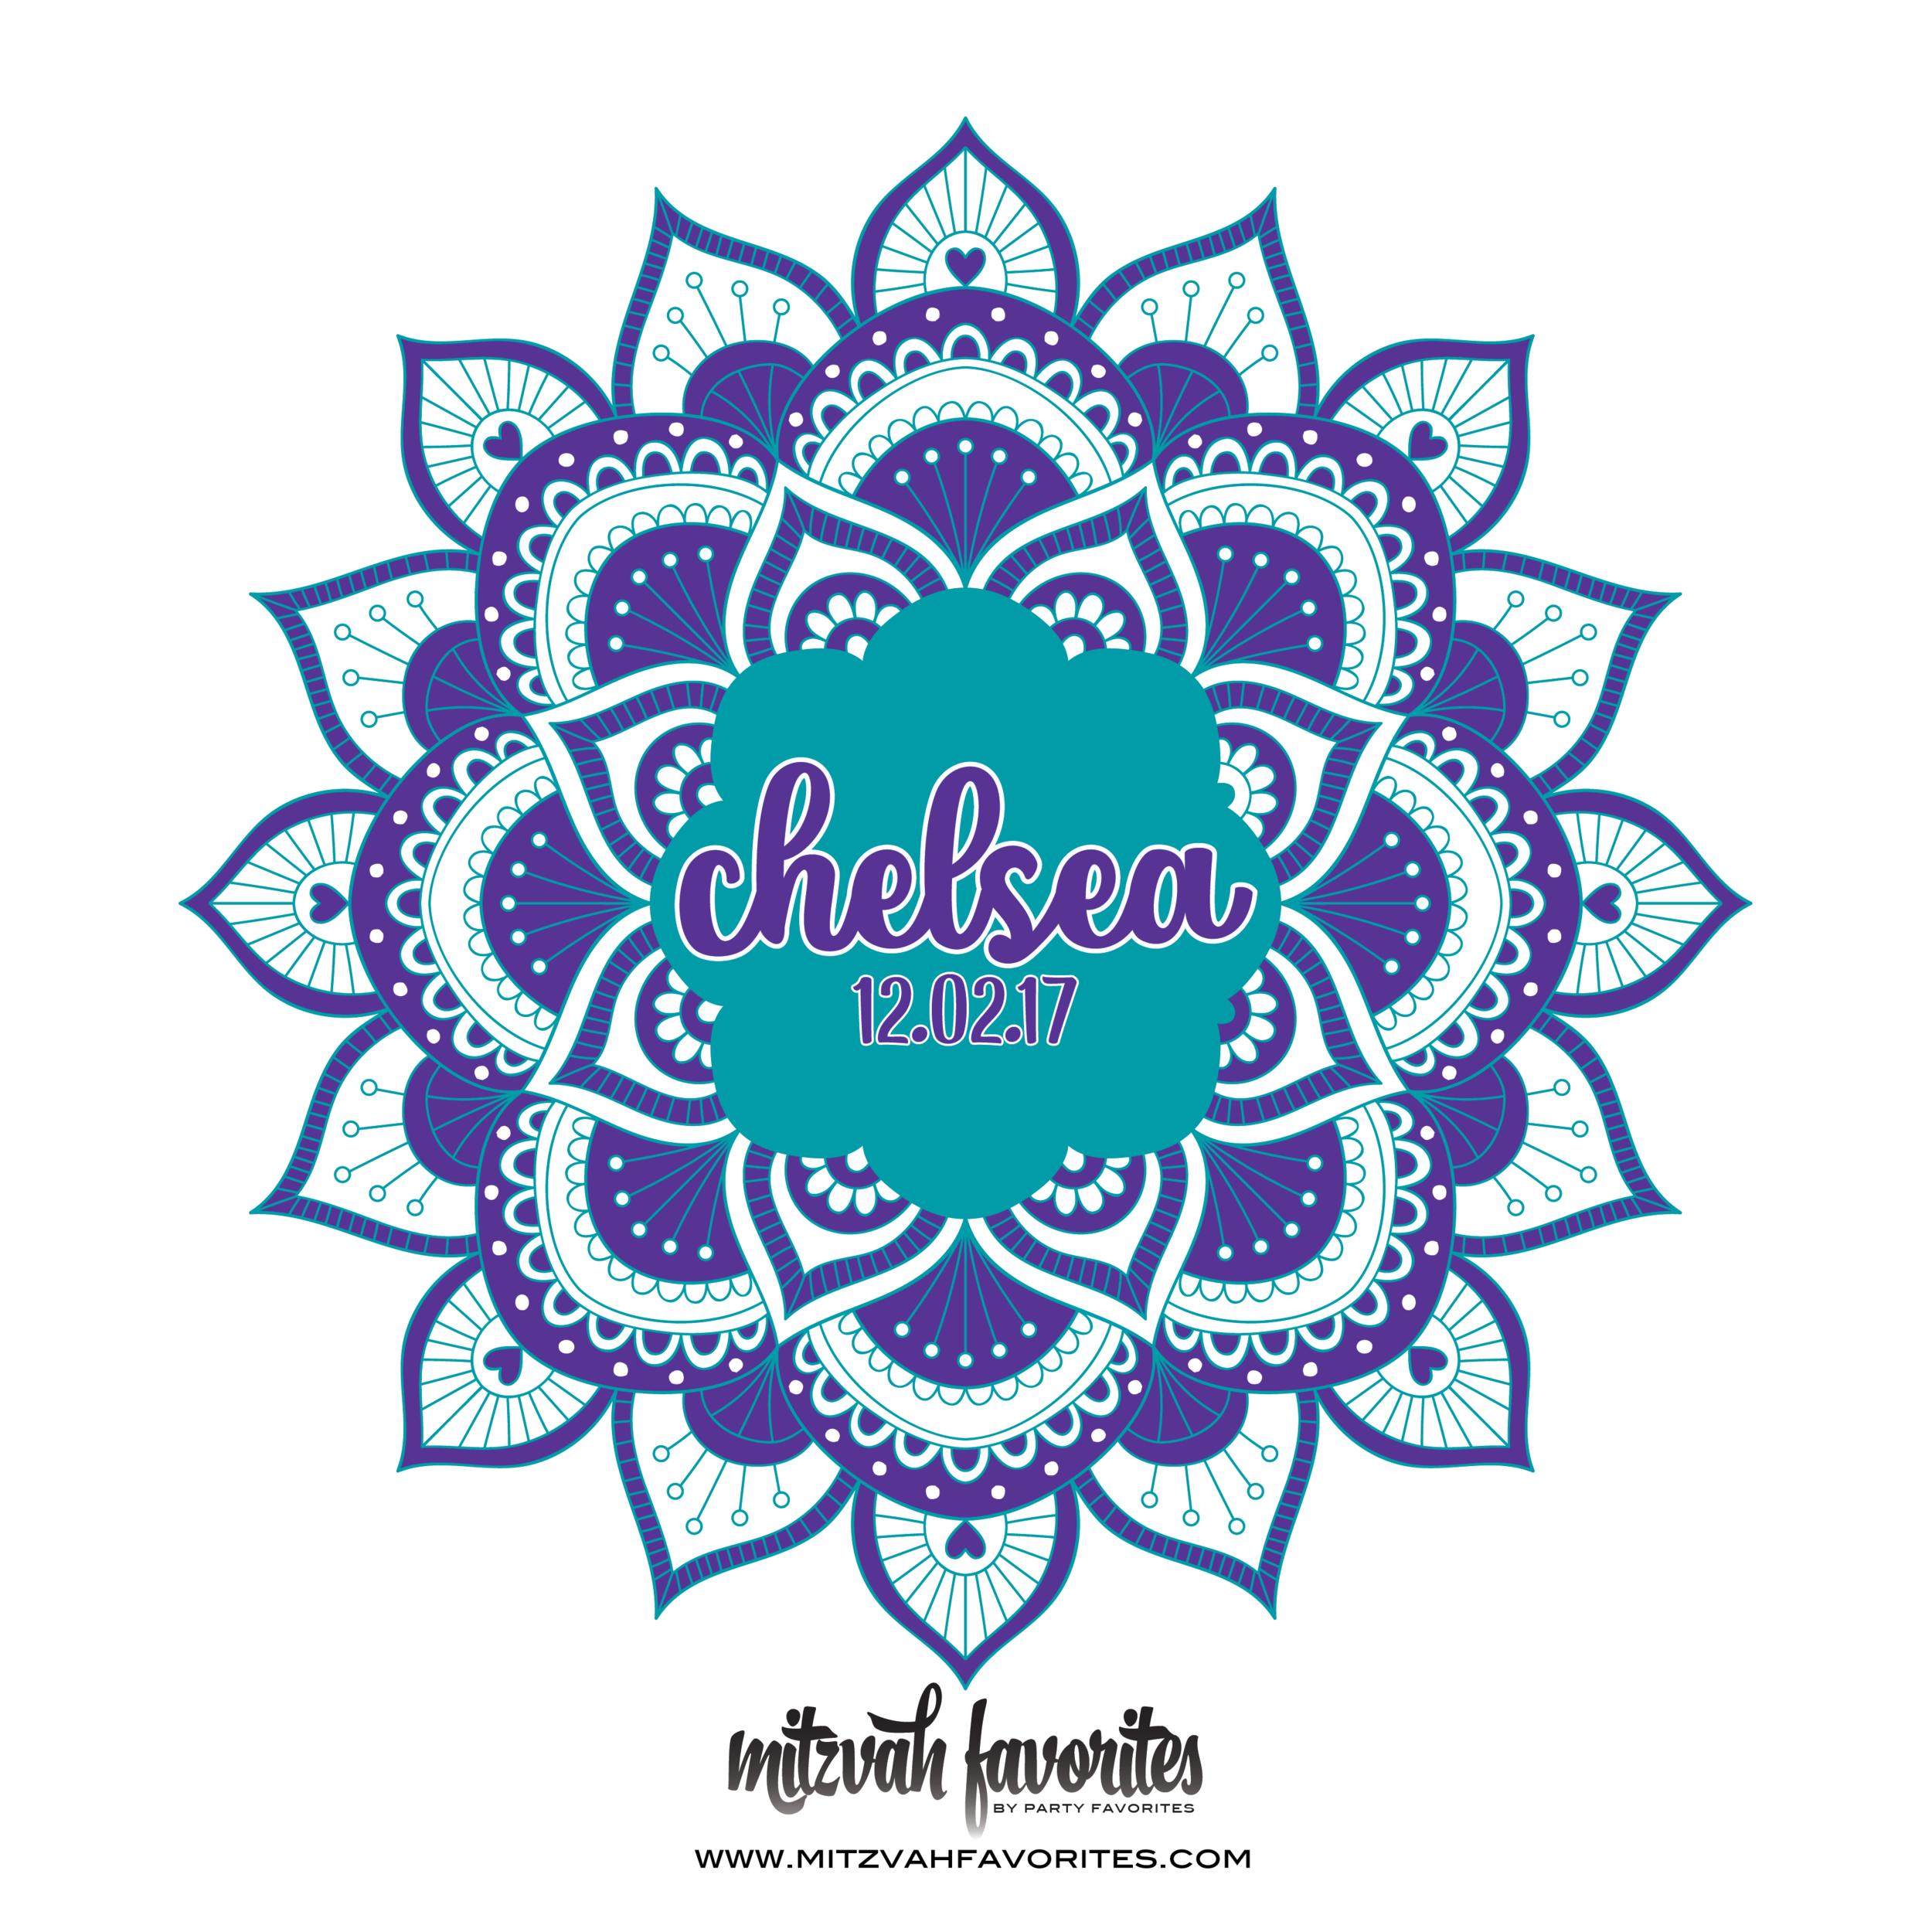 Mandala_bat_mitzvah_logo_mitzvah_favorites.png